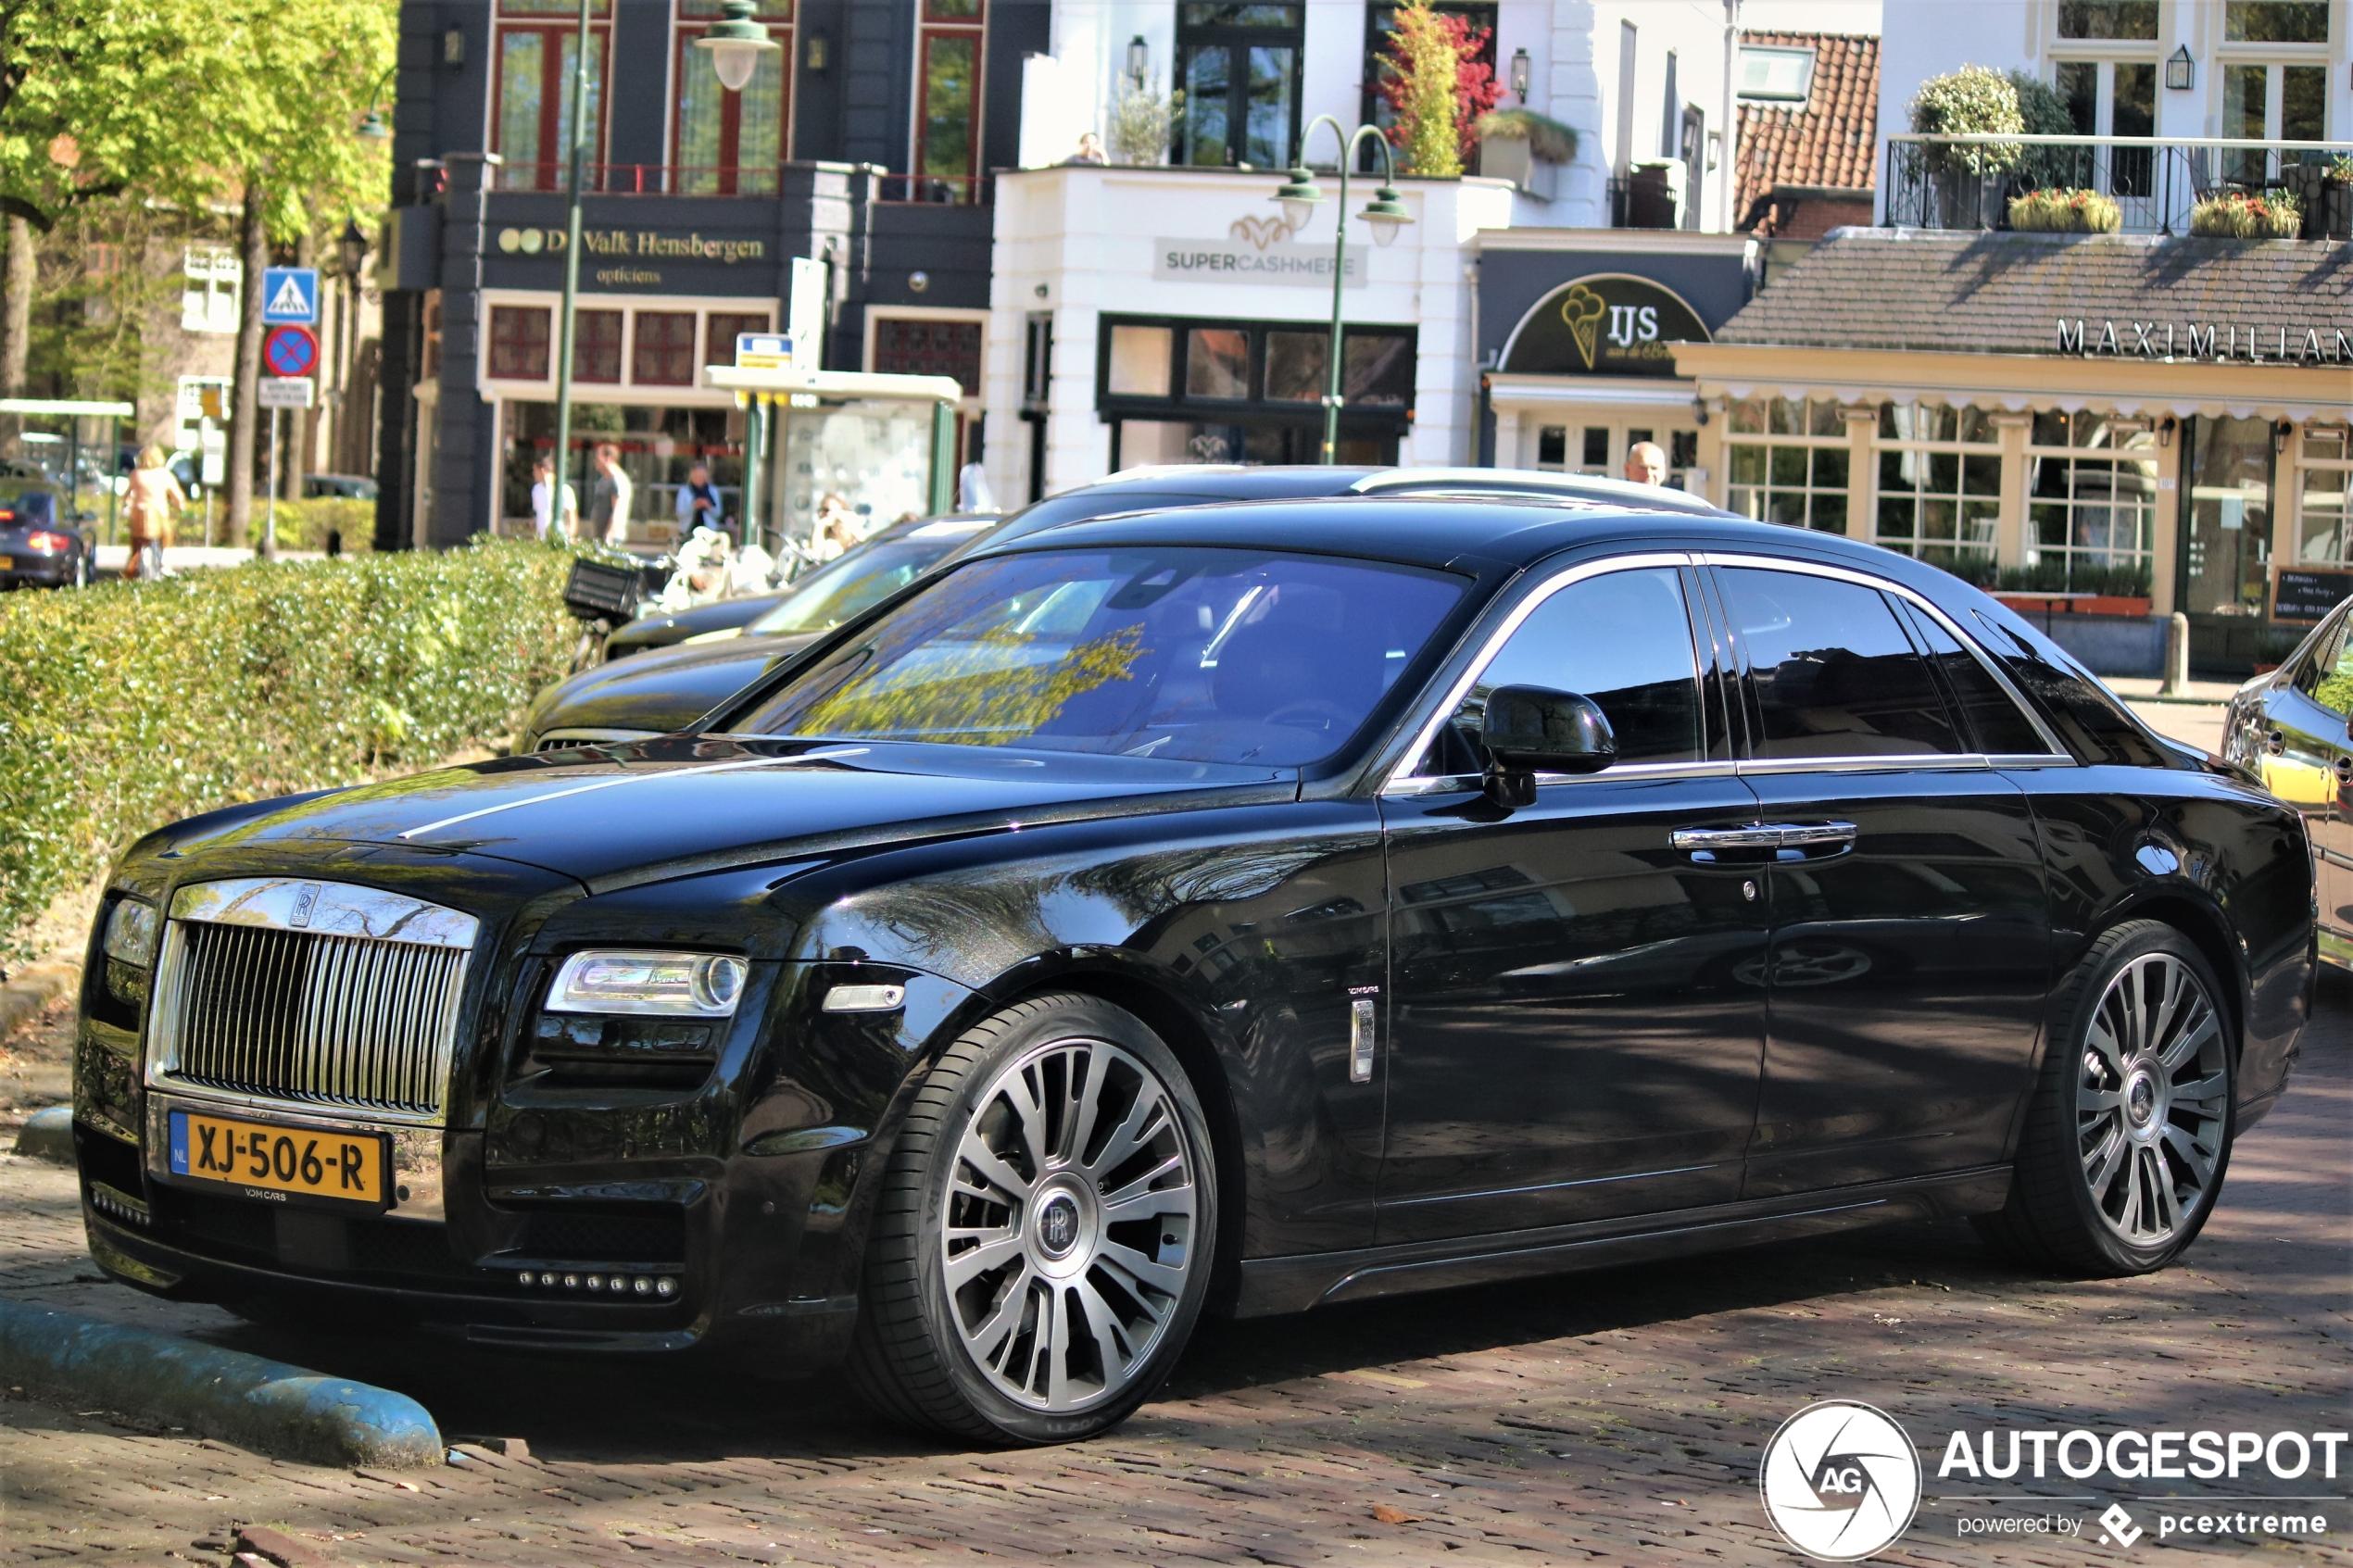 Deze Rolls-Royce Ghost mag stoerder door het leven dankzij Spofec